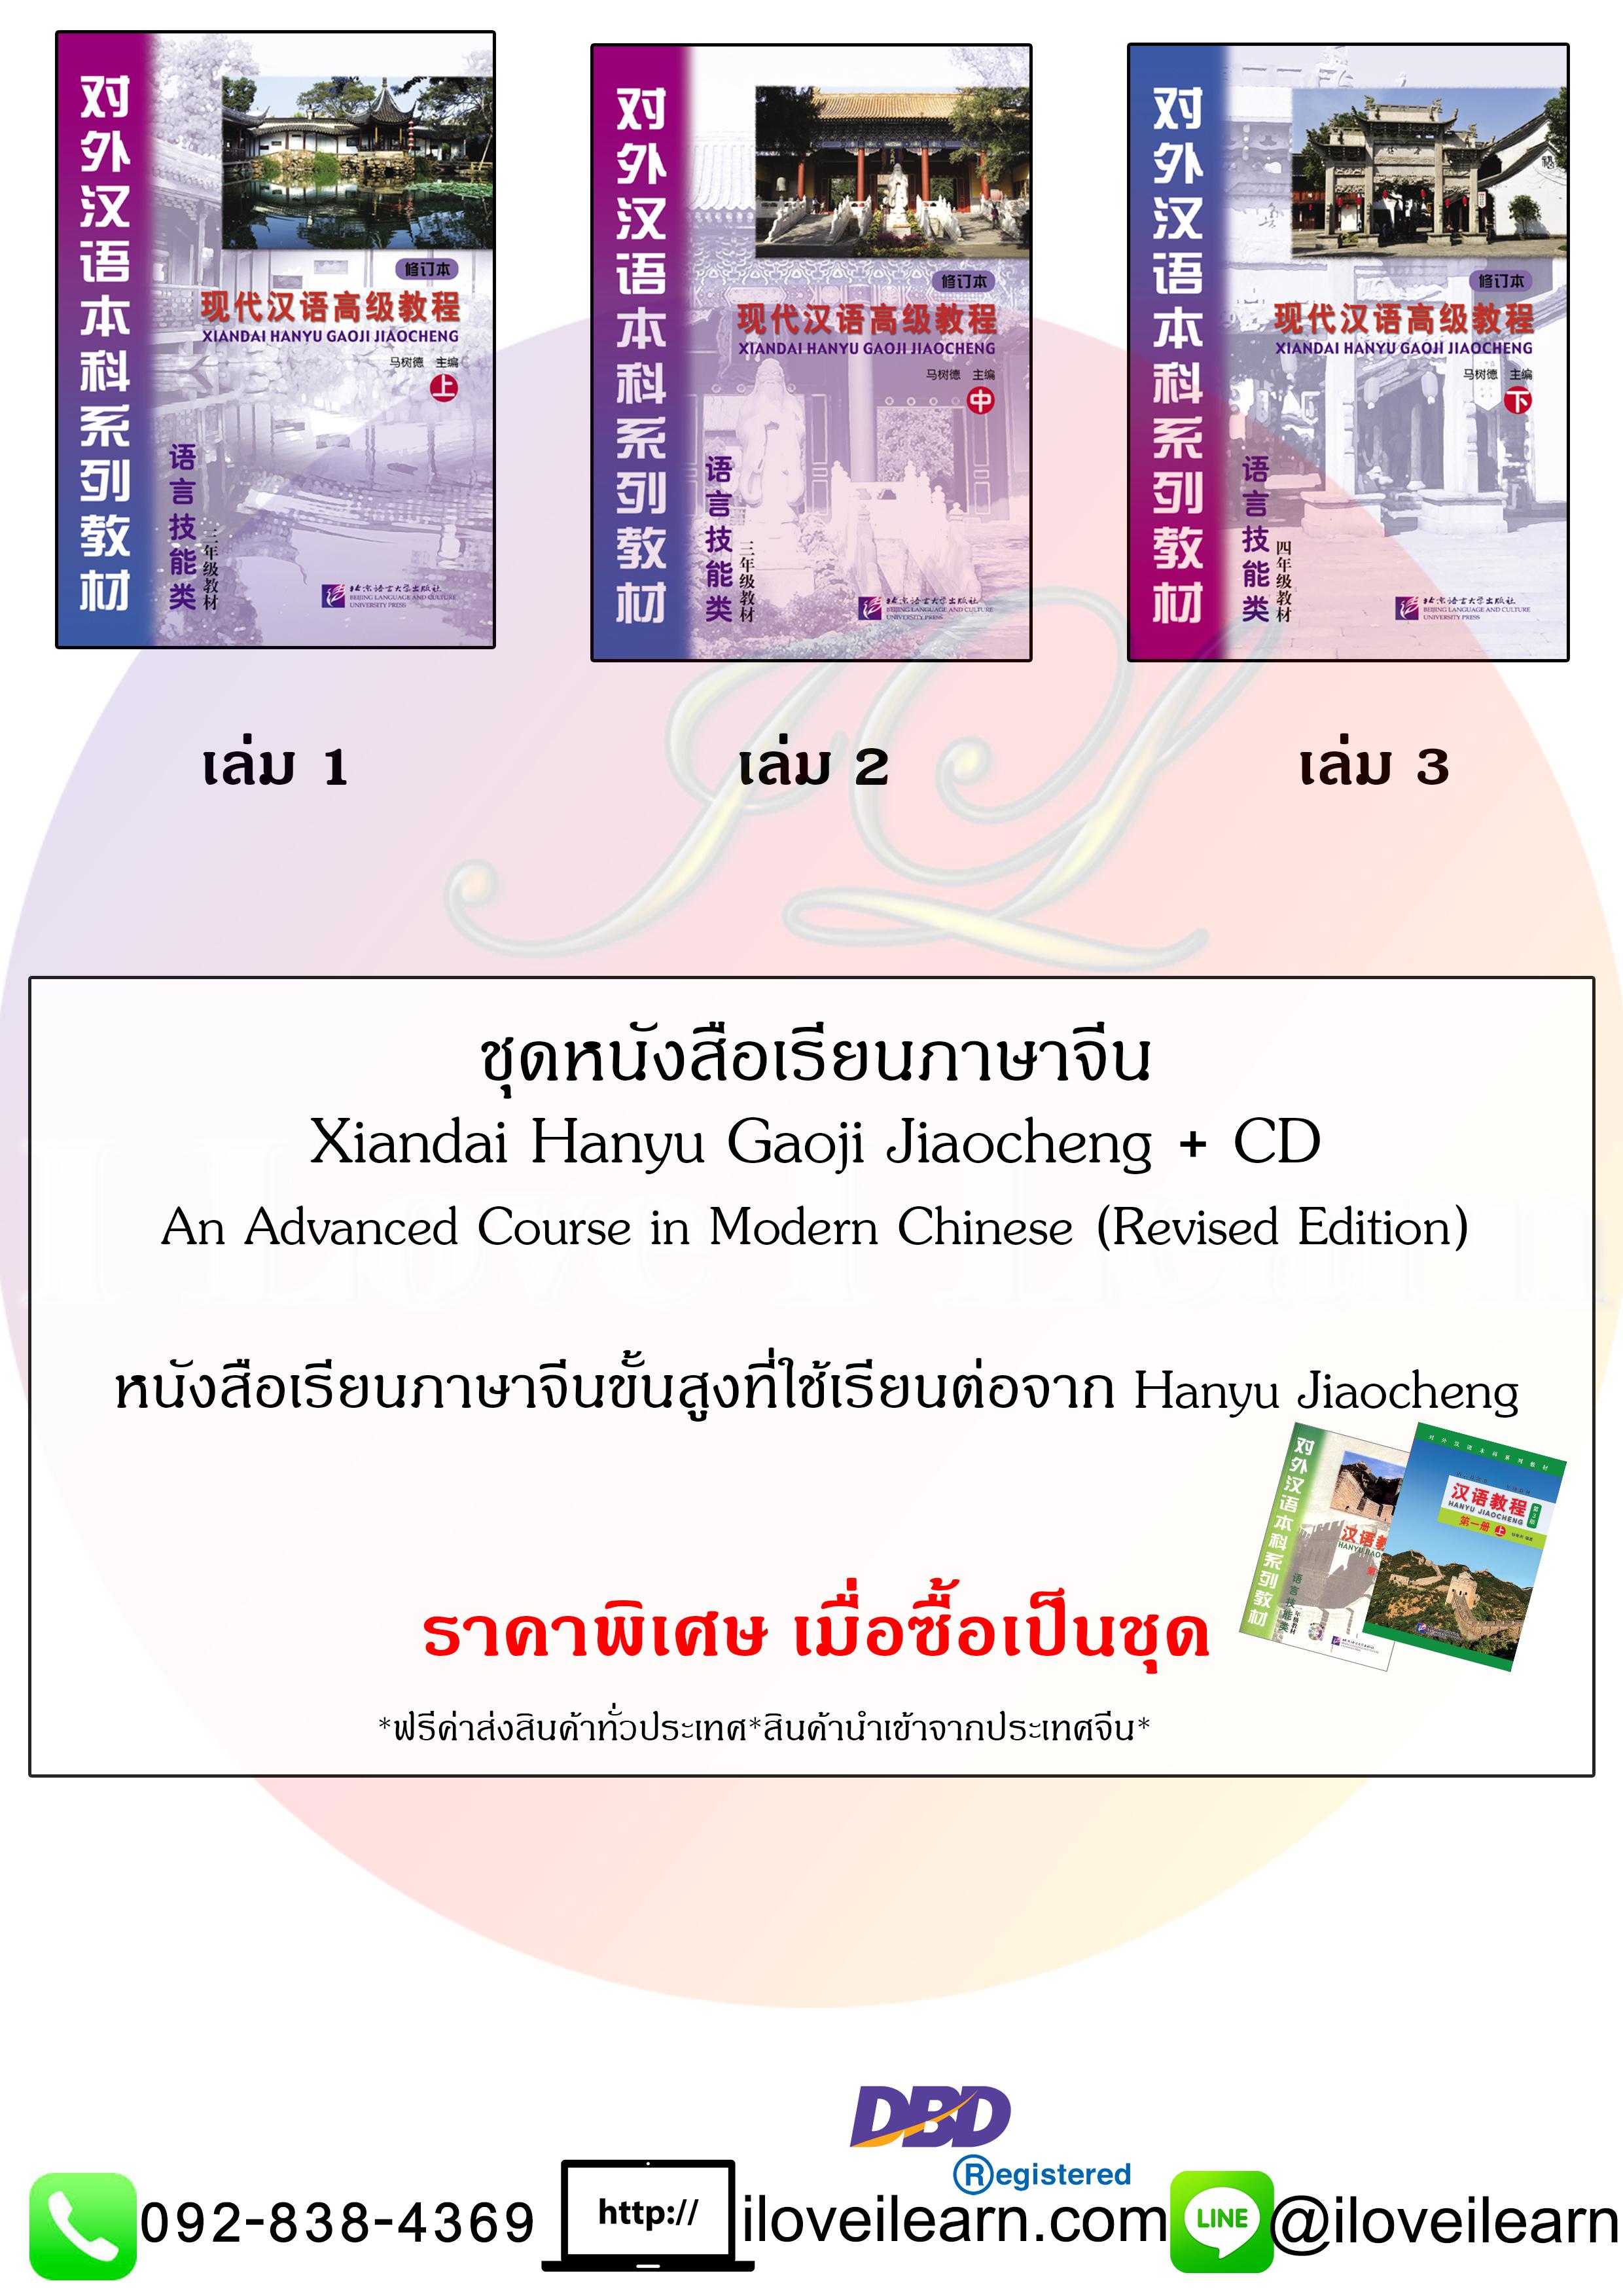 ชุดแบบเรียนภาษาจีน Xiandai Hanyu Gaoji Jiaocheng + CD: An Advanced Course in Modern Chinese (Revised Edition)